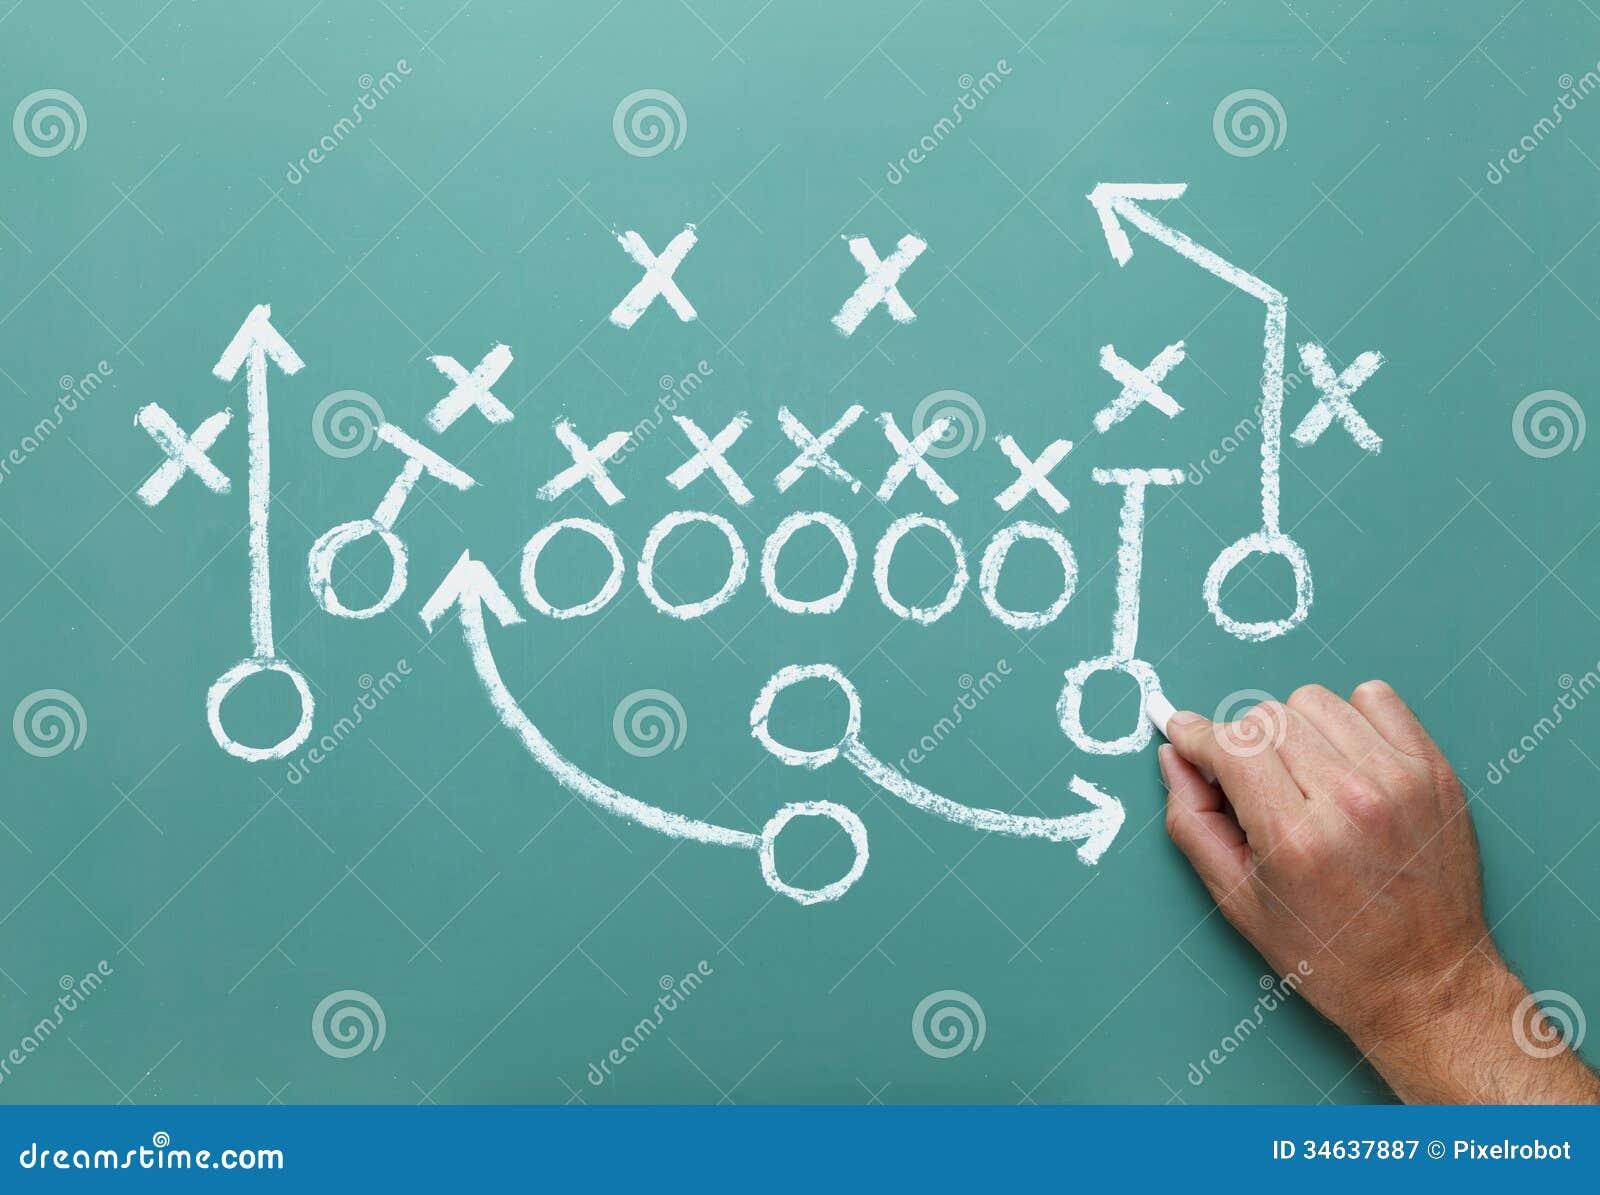 football strategy stock image  image of grunge  explaining